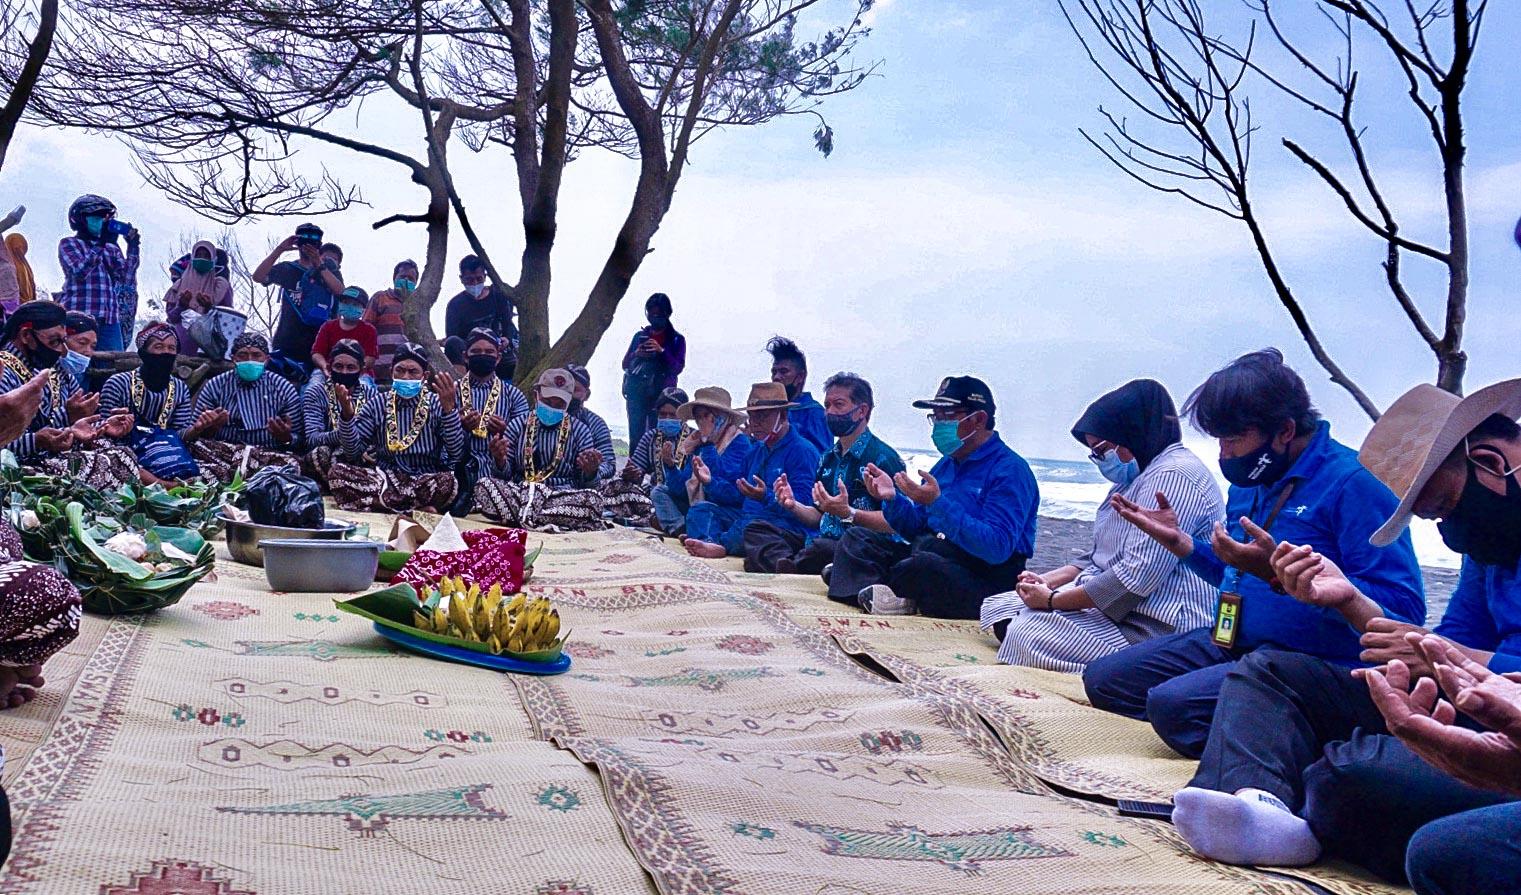 Sosialisasi CHSE Kemenparekraf Diselenggarakan Di Daya Tarik Wisata Baru Kulon Progo